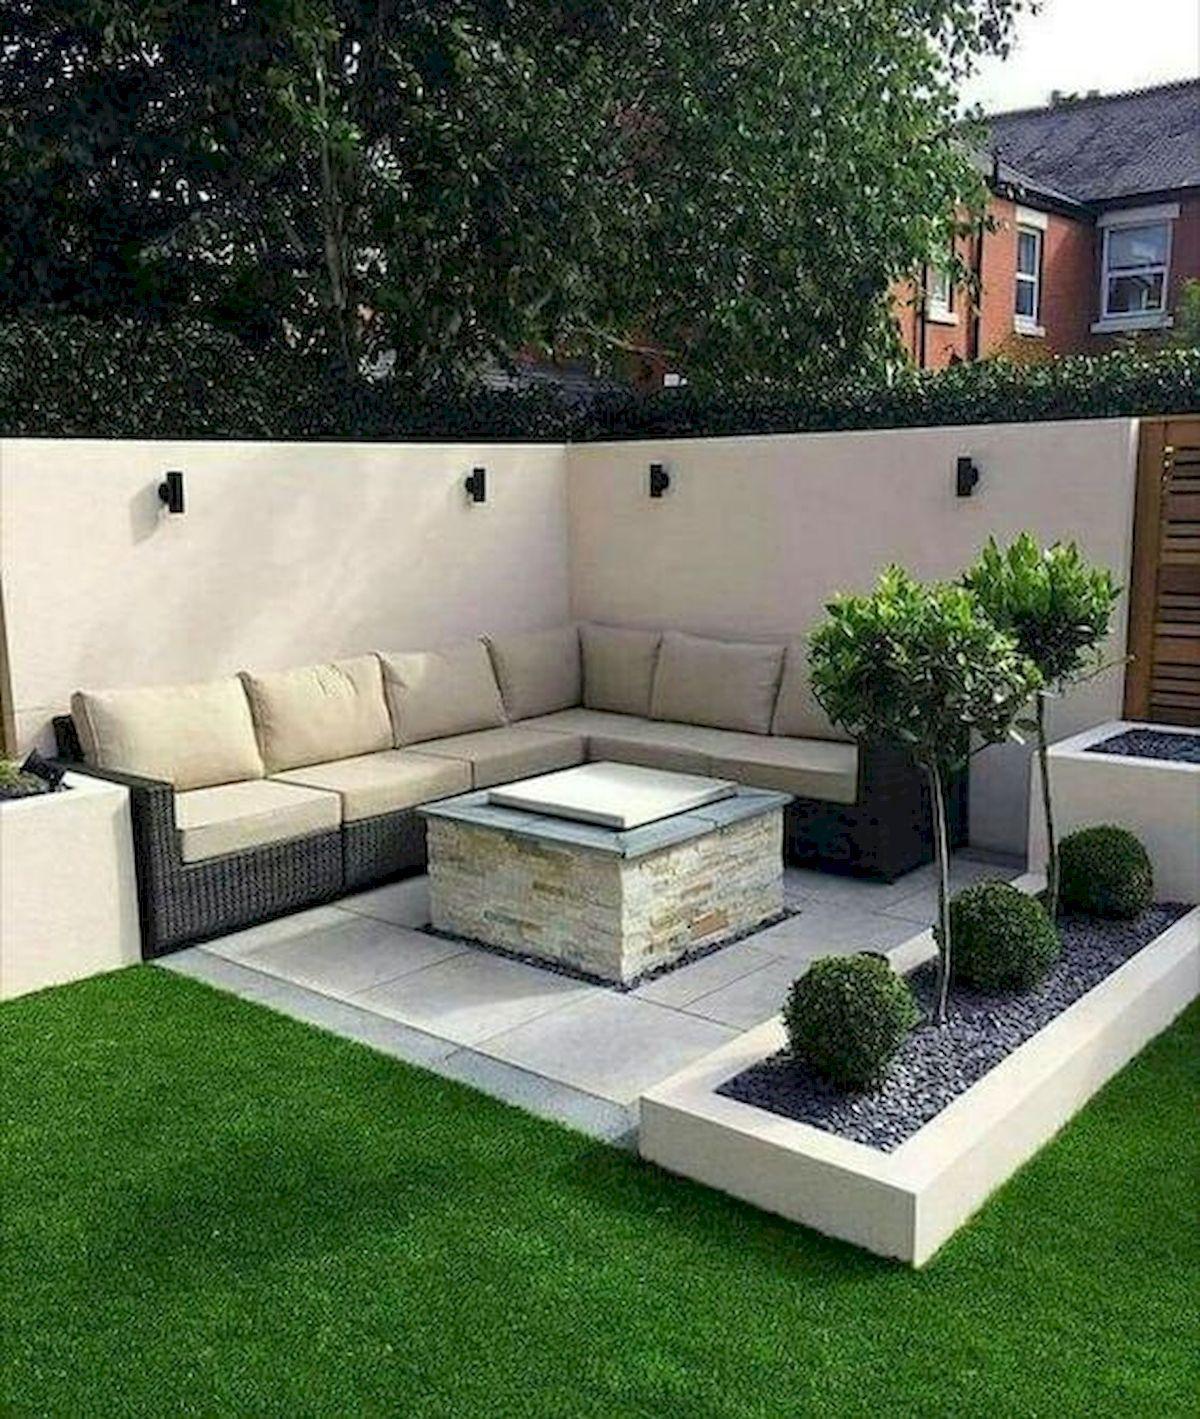 Patio Garden Ideas For Every Space: 33 Beautiful Backyard Garden Design Ideas33DECOR